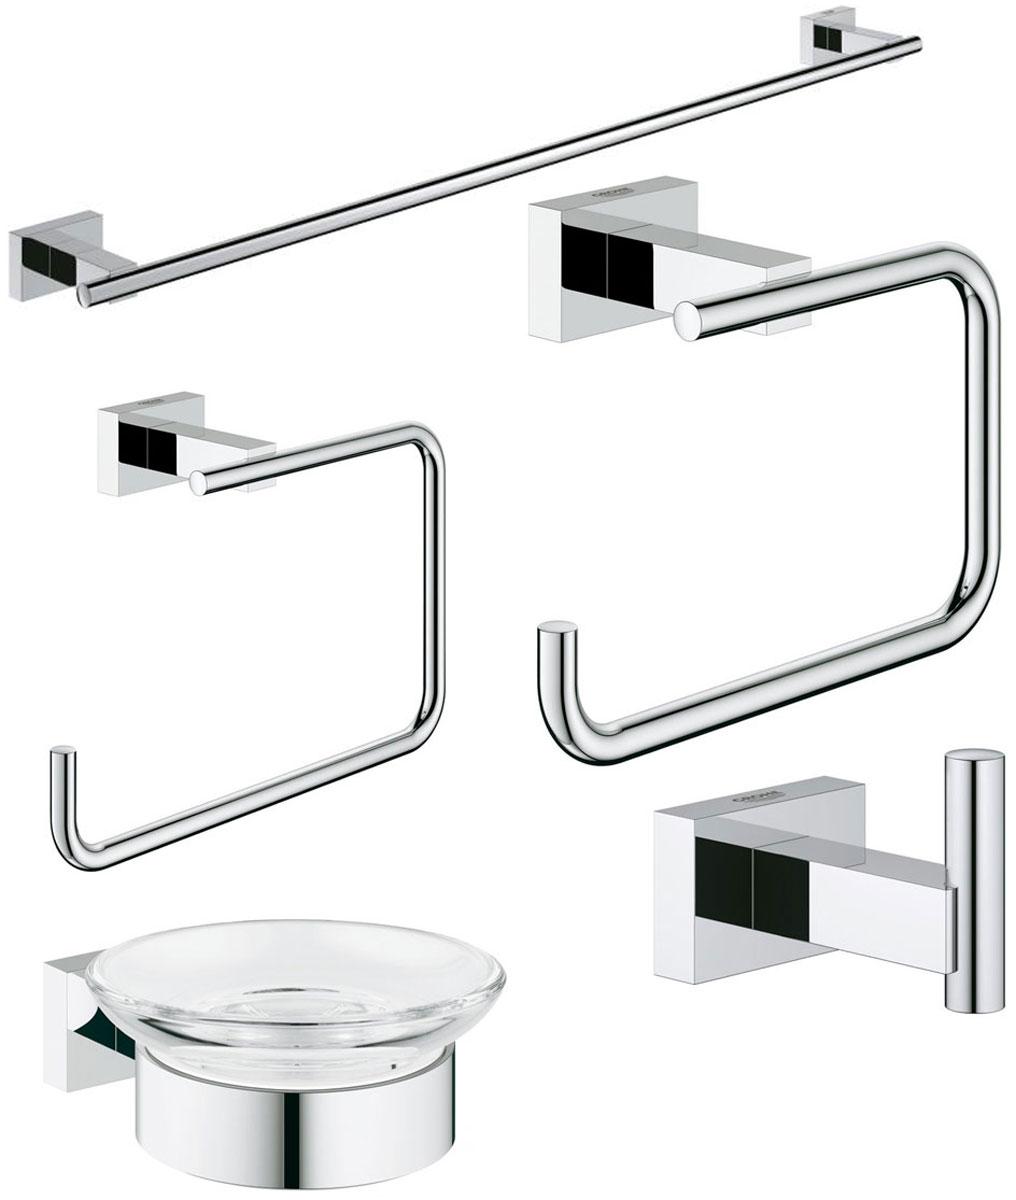 Набор аксессуаров для ванной комнаты Grohe Essentials Cube, 5 предметов531-105Набор аксессуаров для ванной комнаты Grohe Essentials Cube включает мыльницу с держателем, держатель для банного полотенца, держатель туалетной бумаги, крючок для банного халата и кольцо для полотенца. Набор очень практичен и функционален. Изделия выполнены из металла с хромированным покрытием. Благодаря специальной технологии Grohe StarLight покрытие обеспечивает сияющий блеск на протяжении всего срока службы. Кроме того, оно отталкивает грязь, не тускнеет и обладает высокой степенью износостойкости. Аксессуары крепятся к стене (крепежные элементы поставляются в комплекте). Крепление скрытое.Благодаря неизменно актуальному дизайну и долговечному хромированному покрытию, такой набор отлично дополнит интерьер ванной комнаты, воплощая собой изысканный стиль и превосходное качество.Размер кольца для полотенец: 19 х 11,5 х 6 см. Размер крючка: 6 х 4 х 4 см. Размер держателя туалетной бумаги: 14 х 9 х 6 см. Диаметр мыльницы: 11 см. Размер мыльницы (с держателем): 12 х 11 х 4,5 см. Длина держателя для банного полотенца: 60 см.